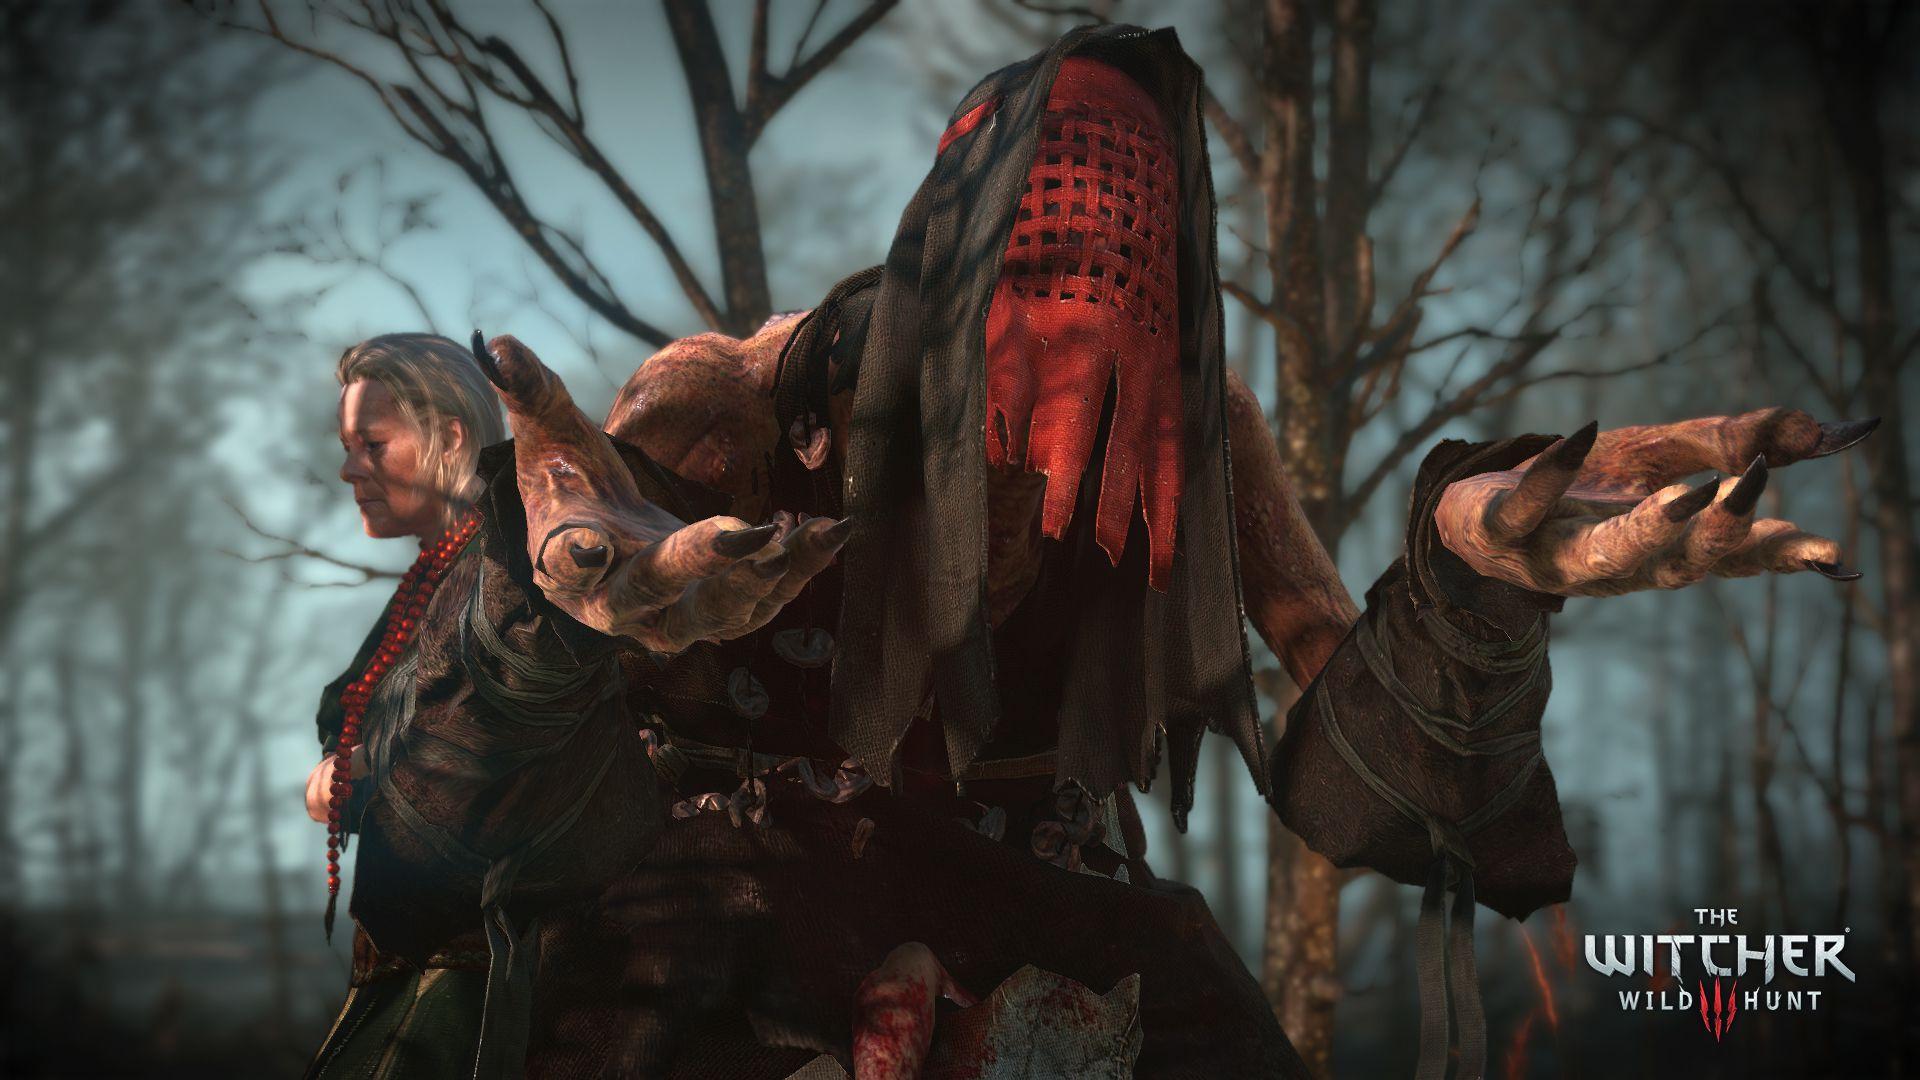 the_witcher_3_wild_hunt-witch_wlogo_1407869460